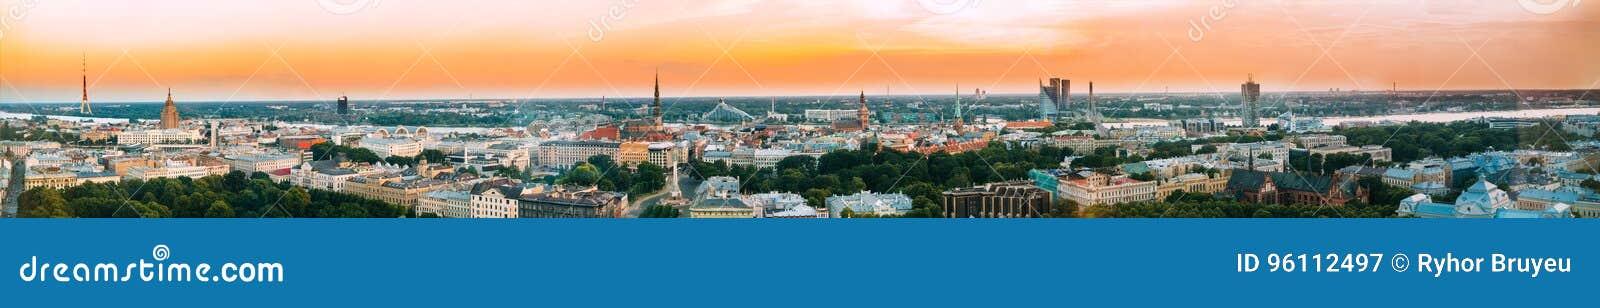 Riga, Latvia Arquitetura da cidade do panorama da vista aérea no por do sol Torre da tevê